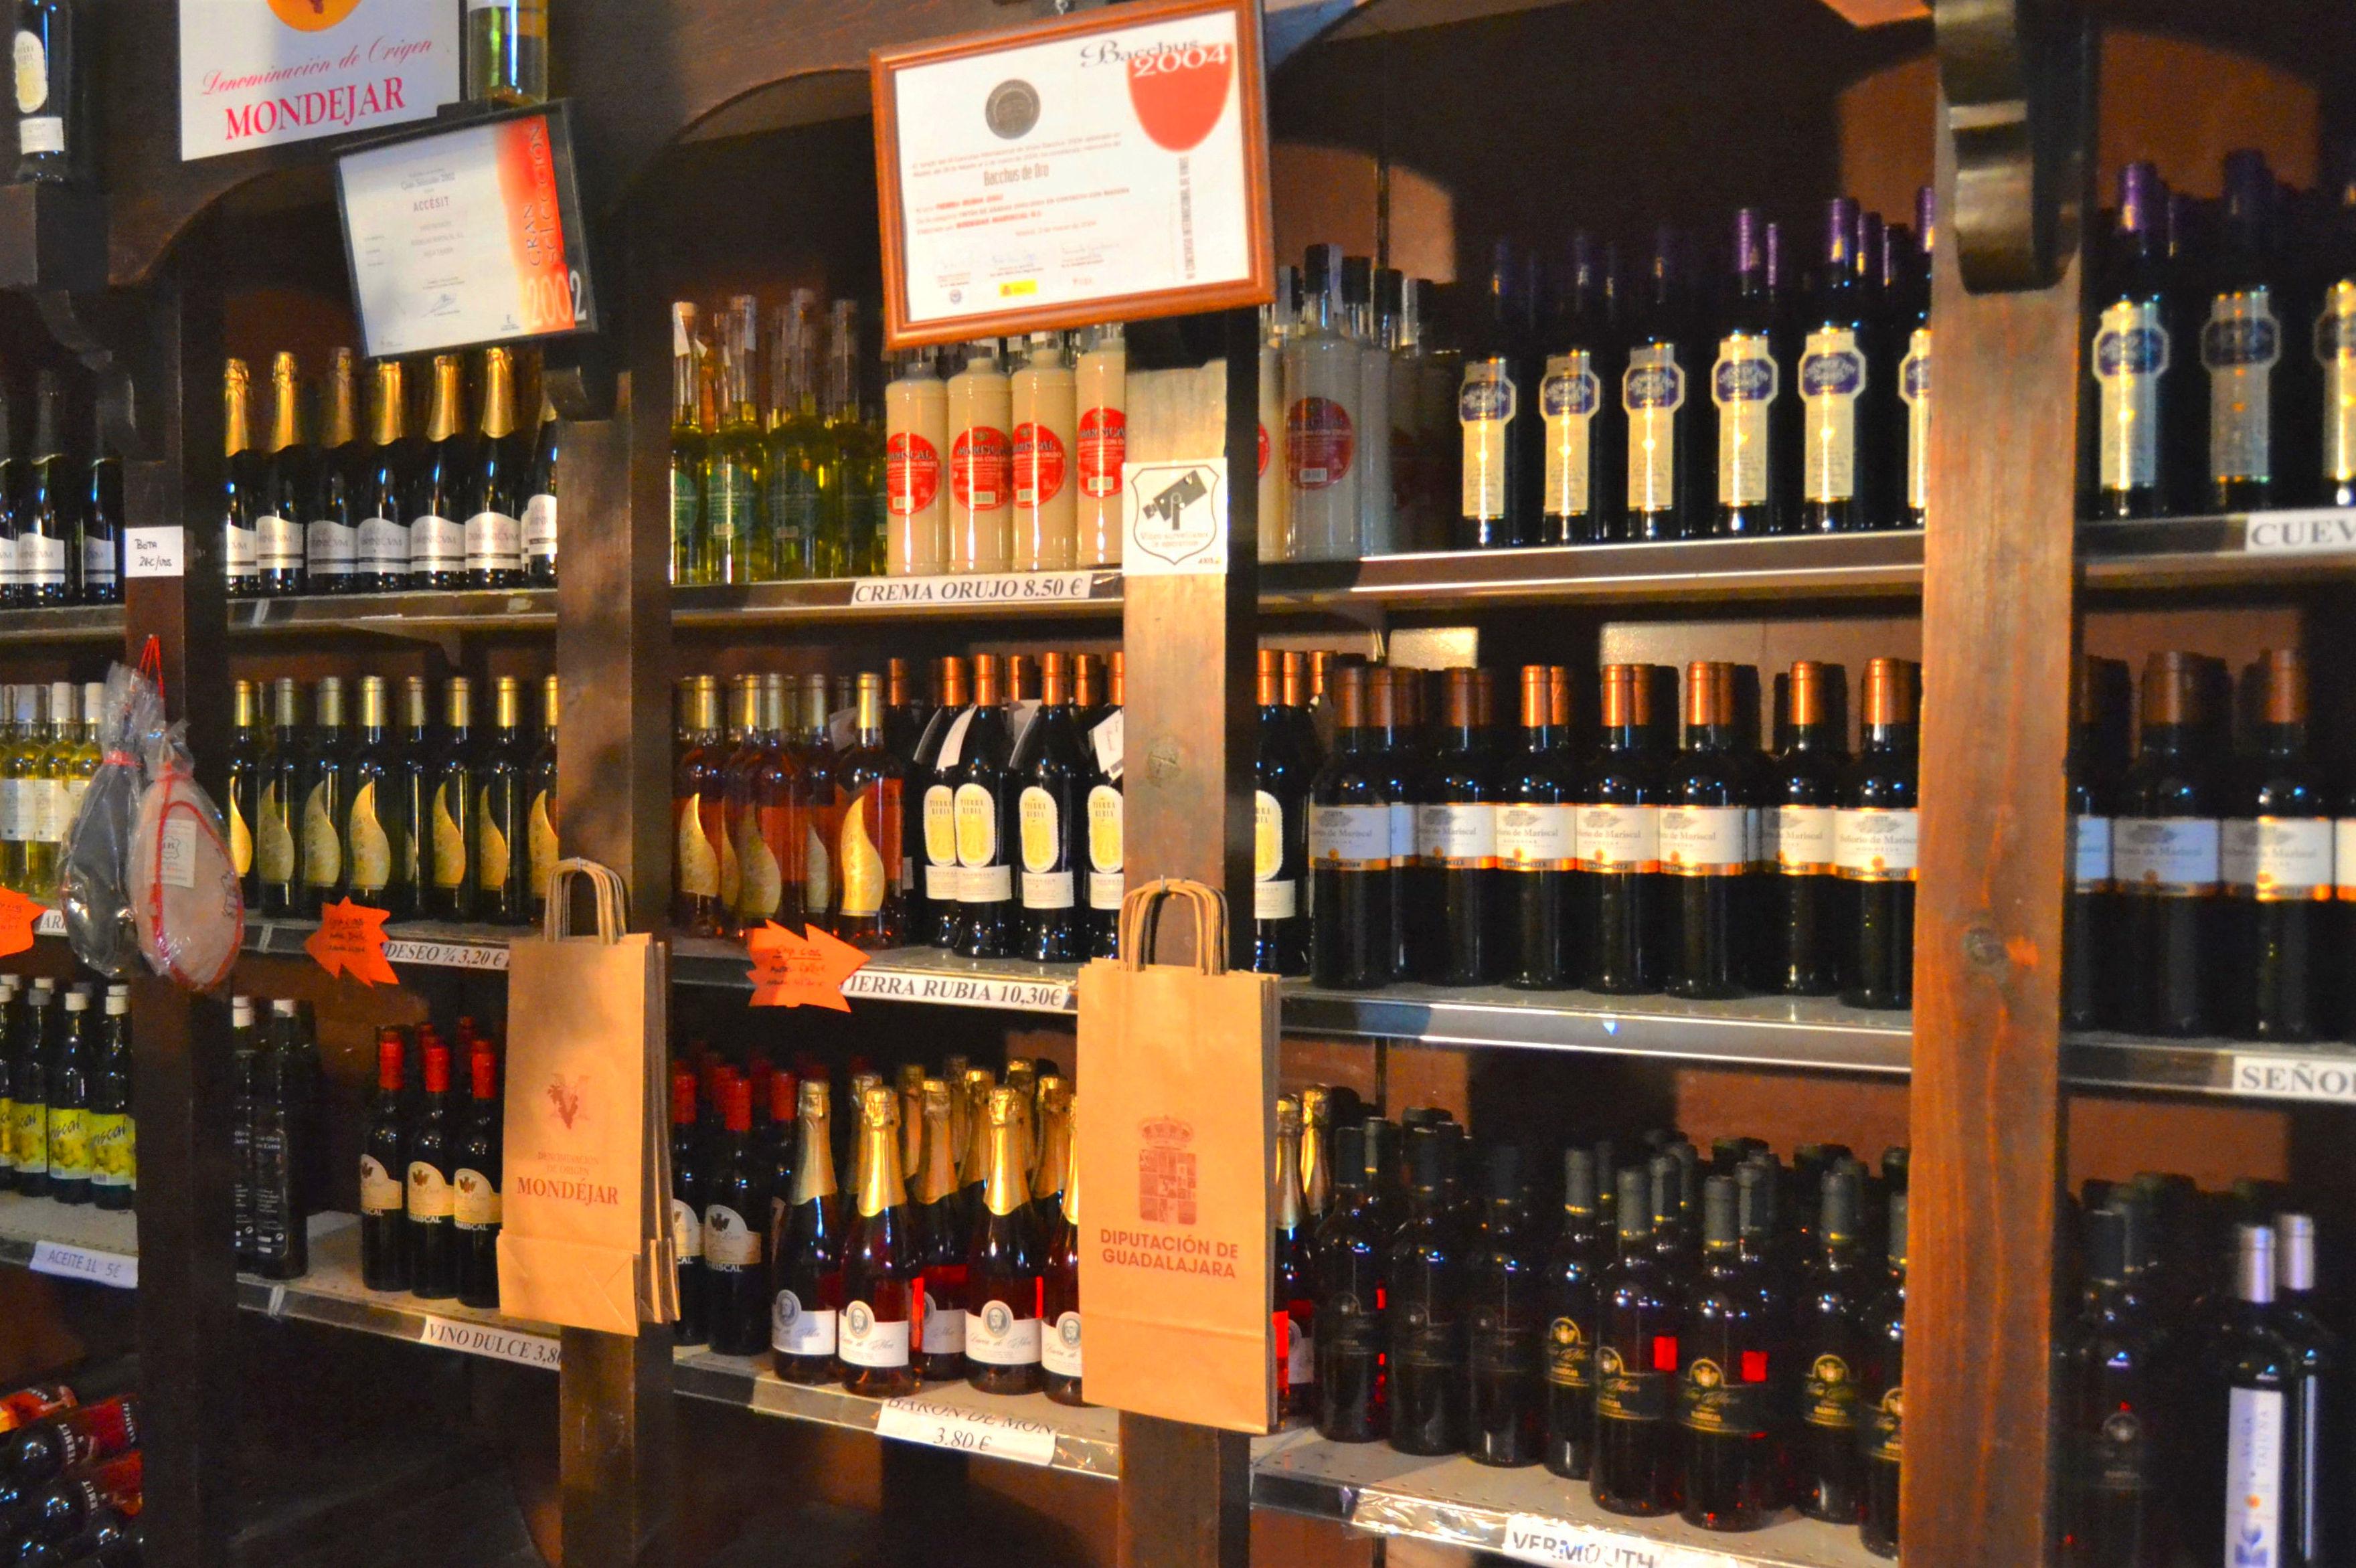 Foto 19 de Venta de vinos con denominación de origen Mondejar en Mondéjar | Bodegas Mariscal